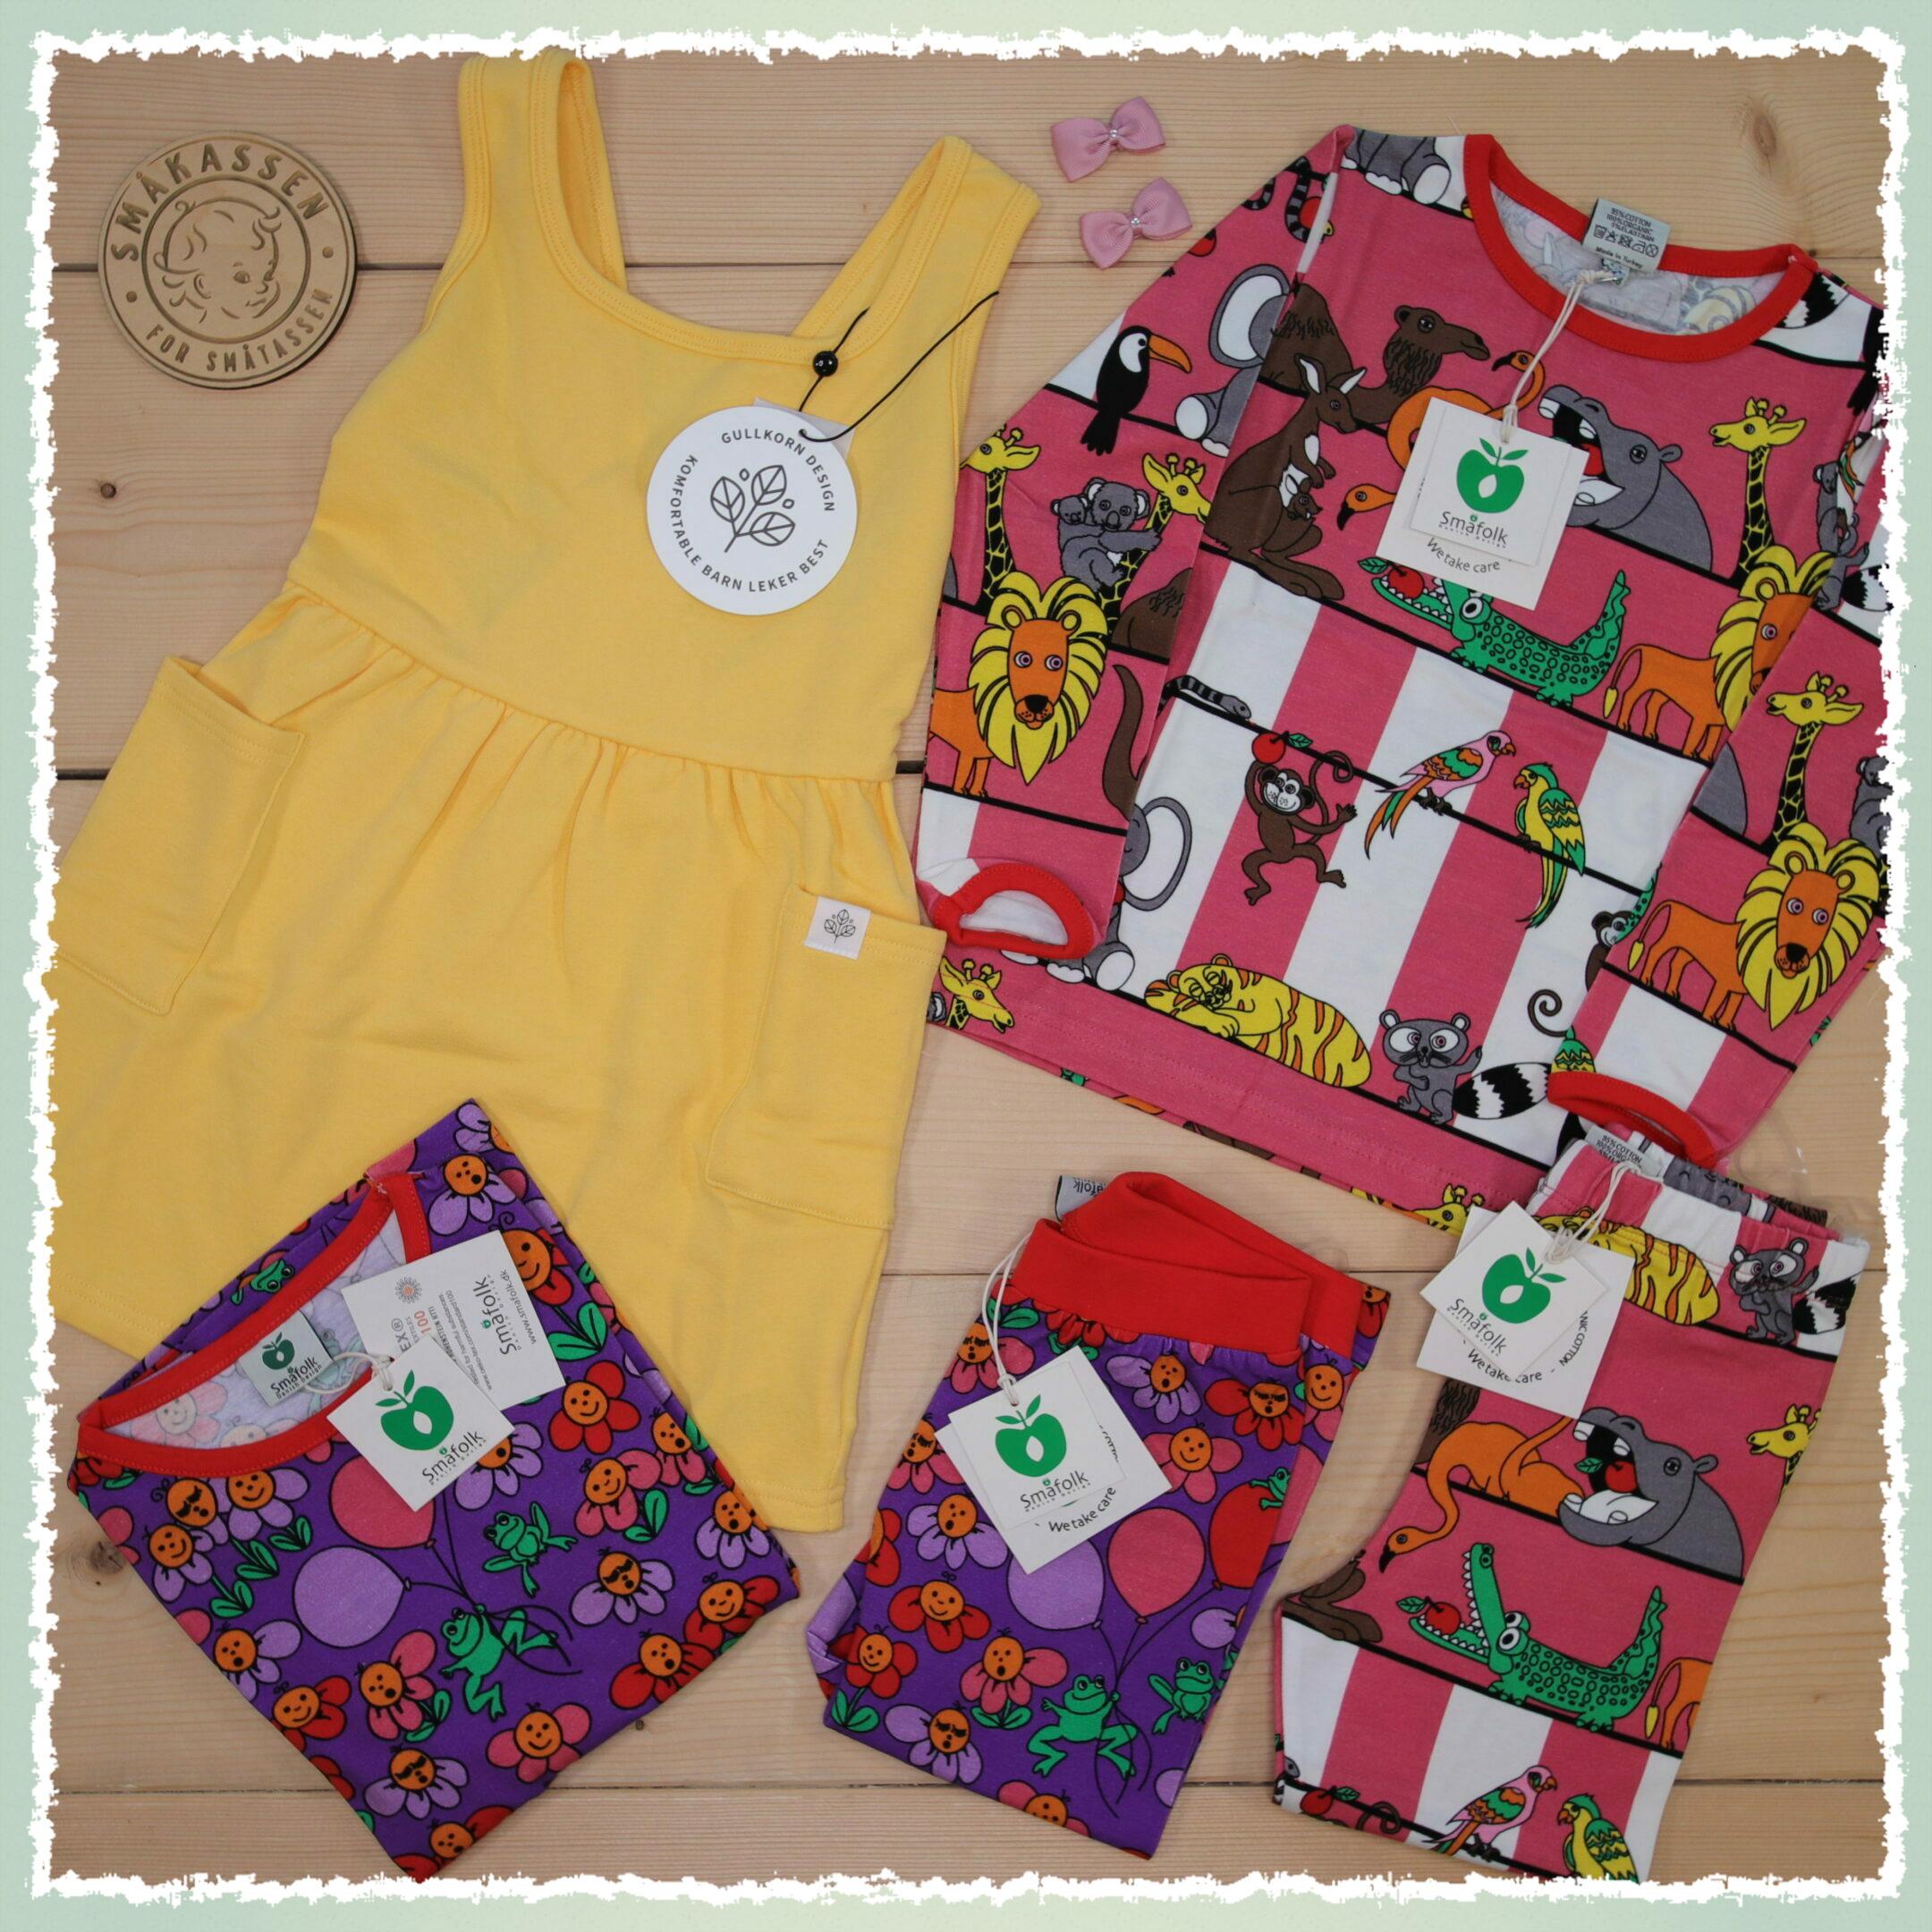 😍 Colorful news from Gullkorn and Småfolk 😍 #ss21  Dette er Småpakke som vi forberedte for en jente i stilene cool og colorful